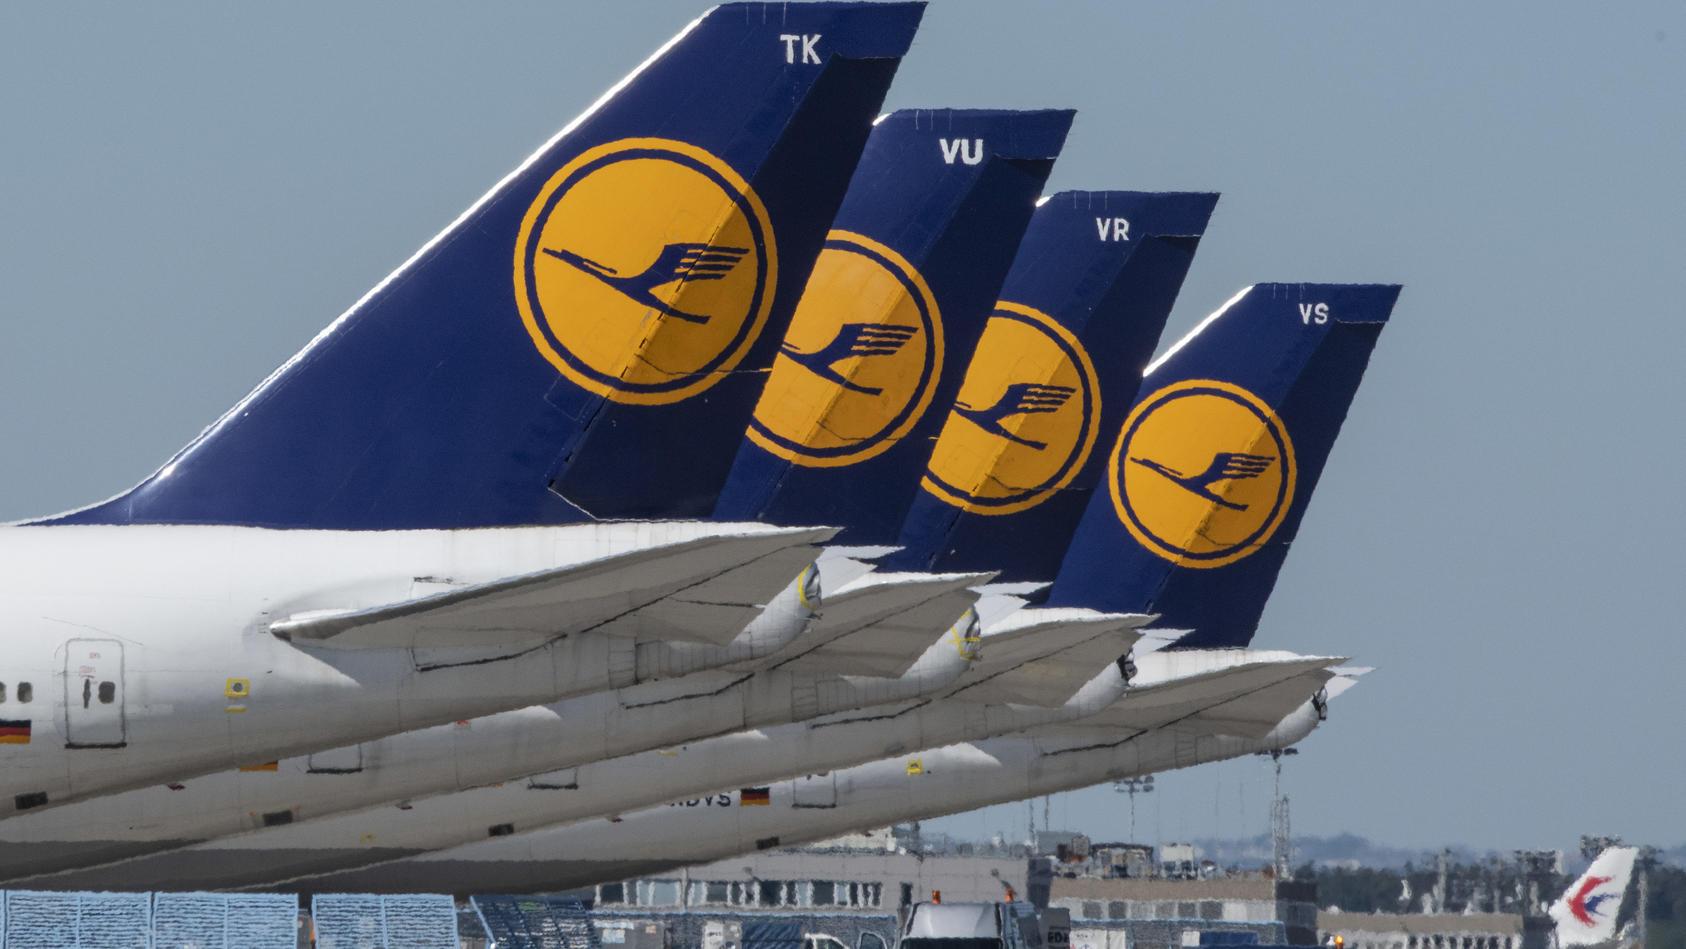 Lufthansa schrumpft stärker als bisher bekannt